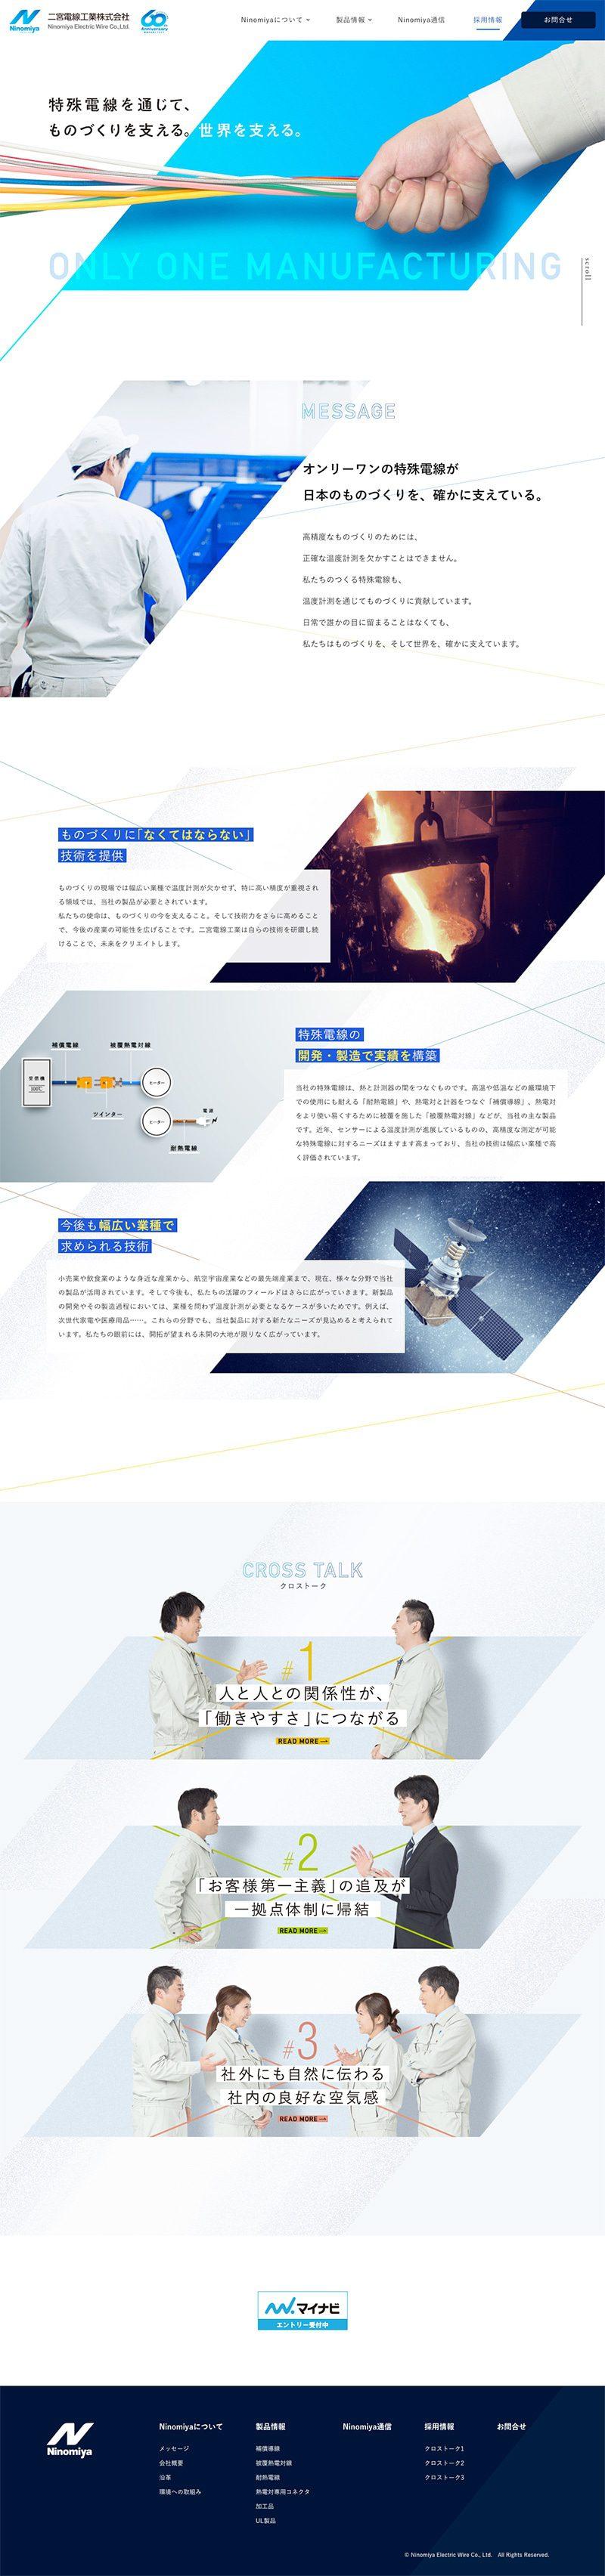 二宮電線工業株式会社様|コーポレートサイト/採用情報